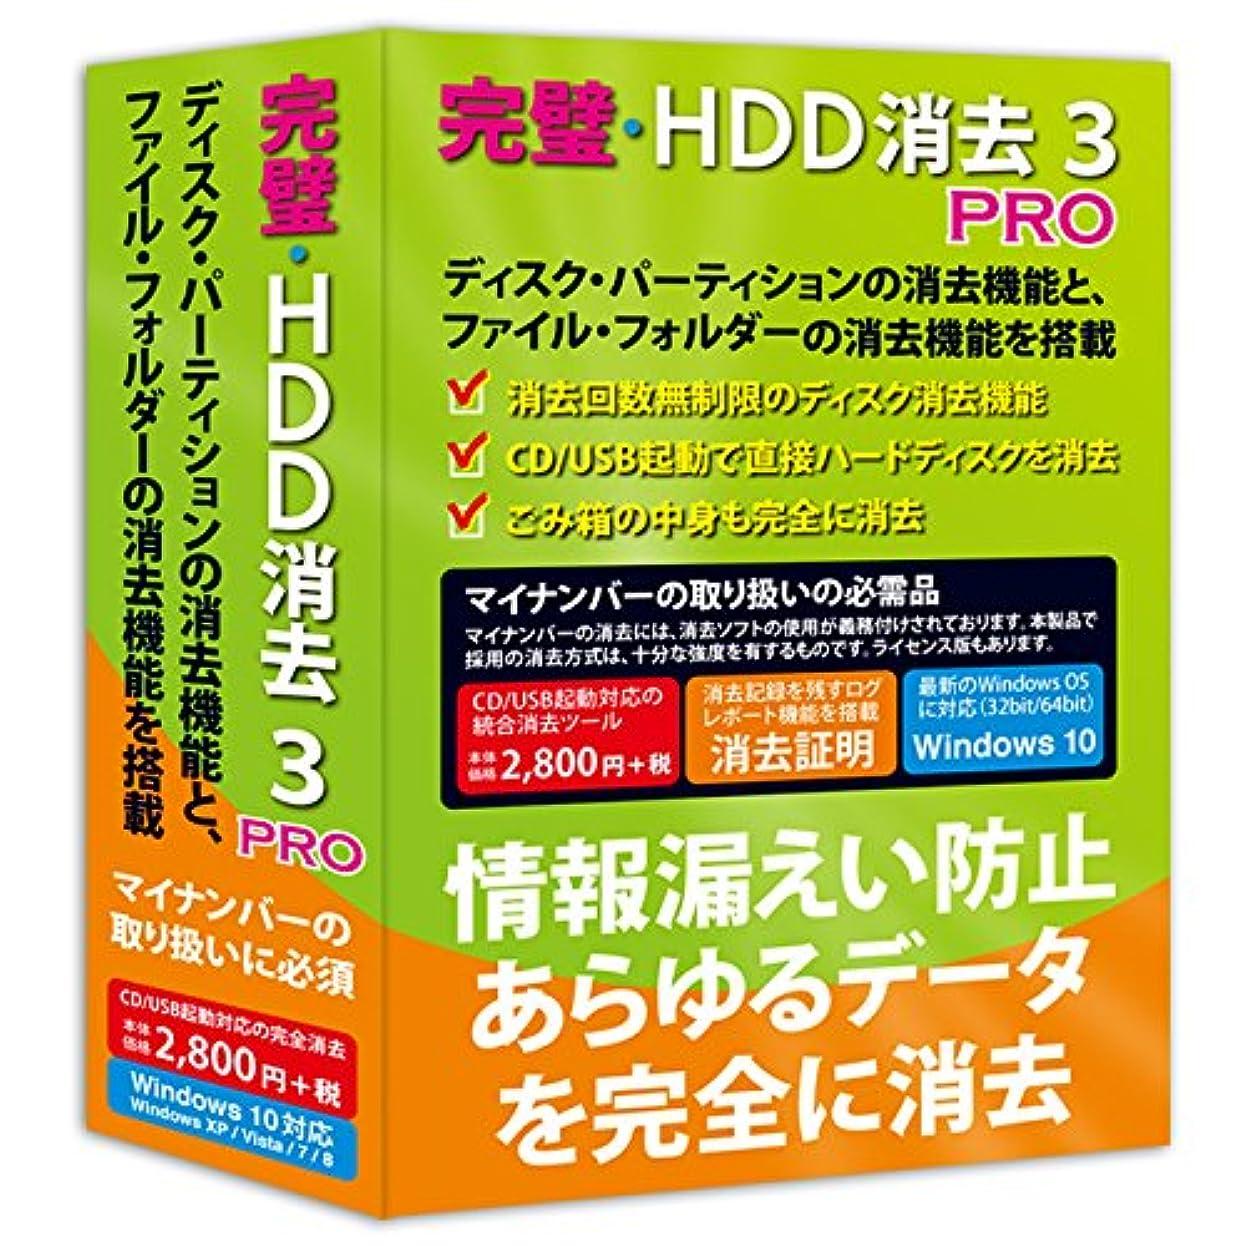 容量逃げるセットアップ完璧?HDD消去3 PRO